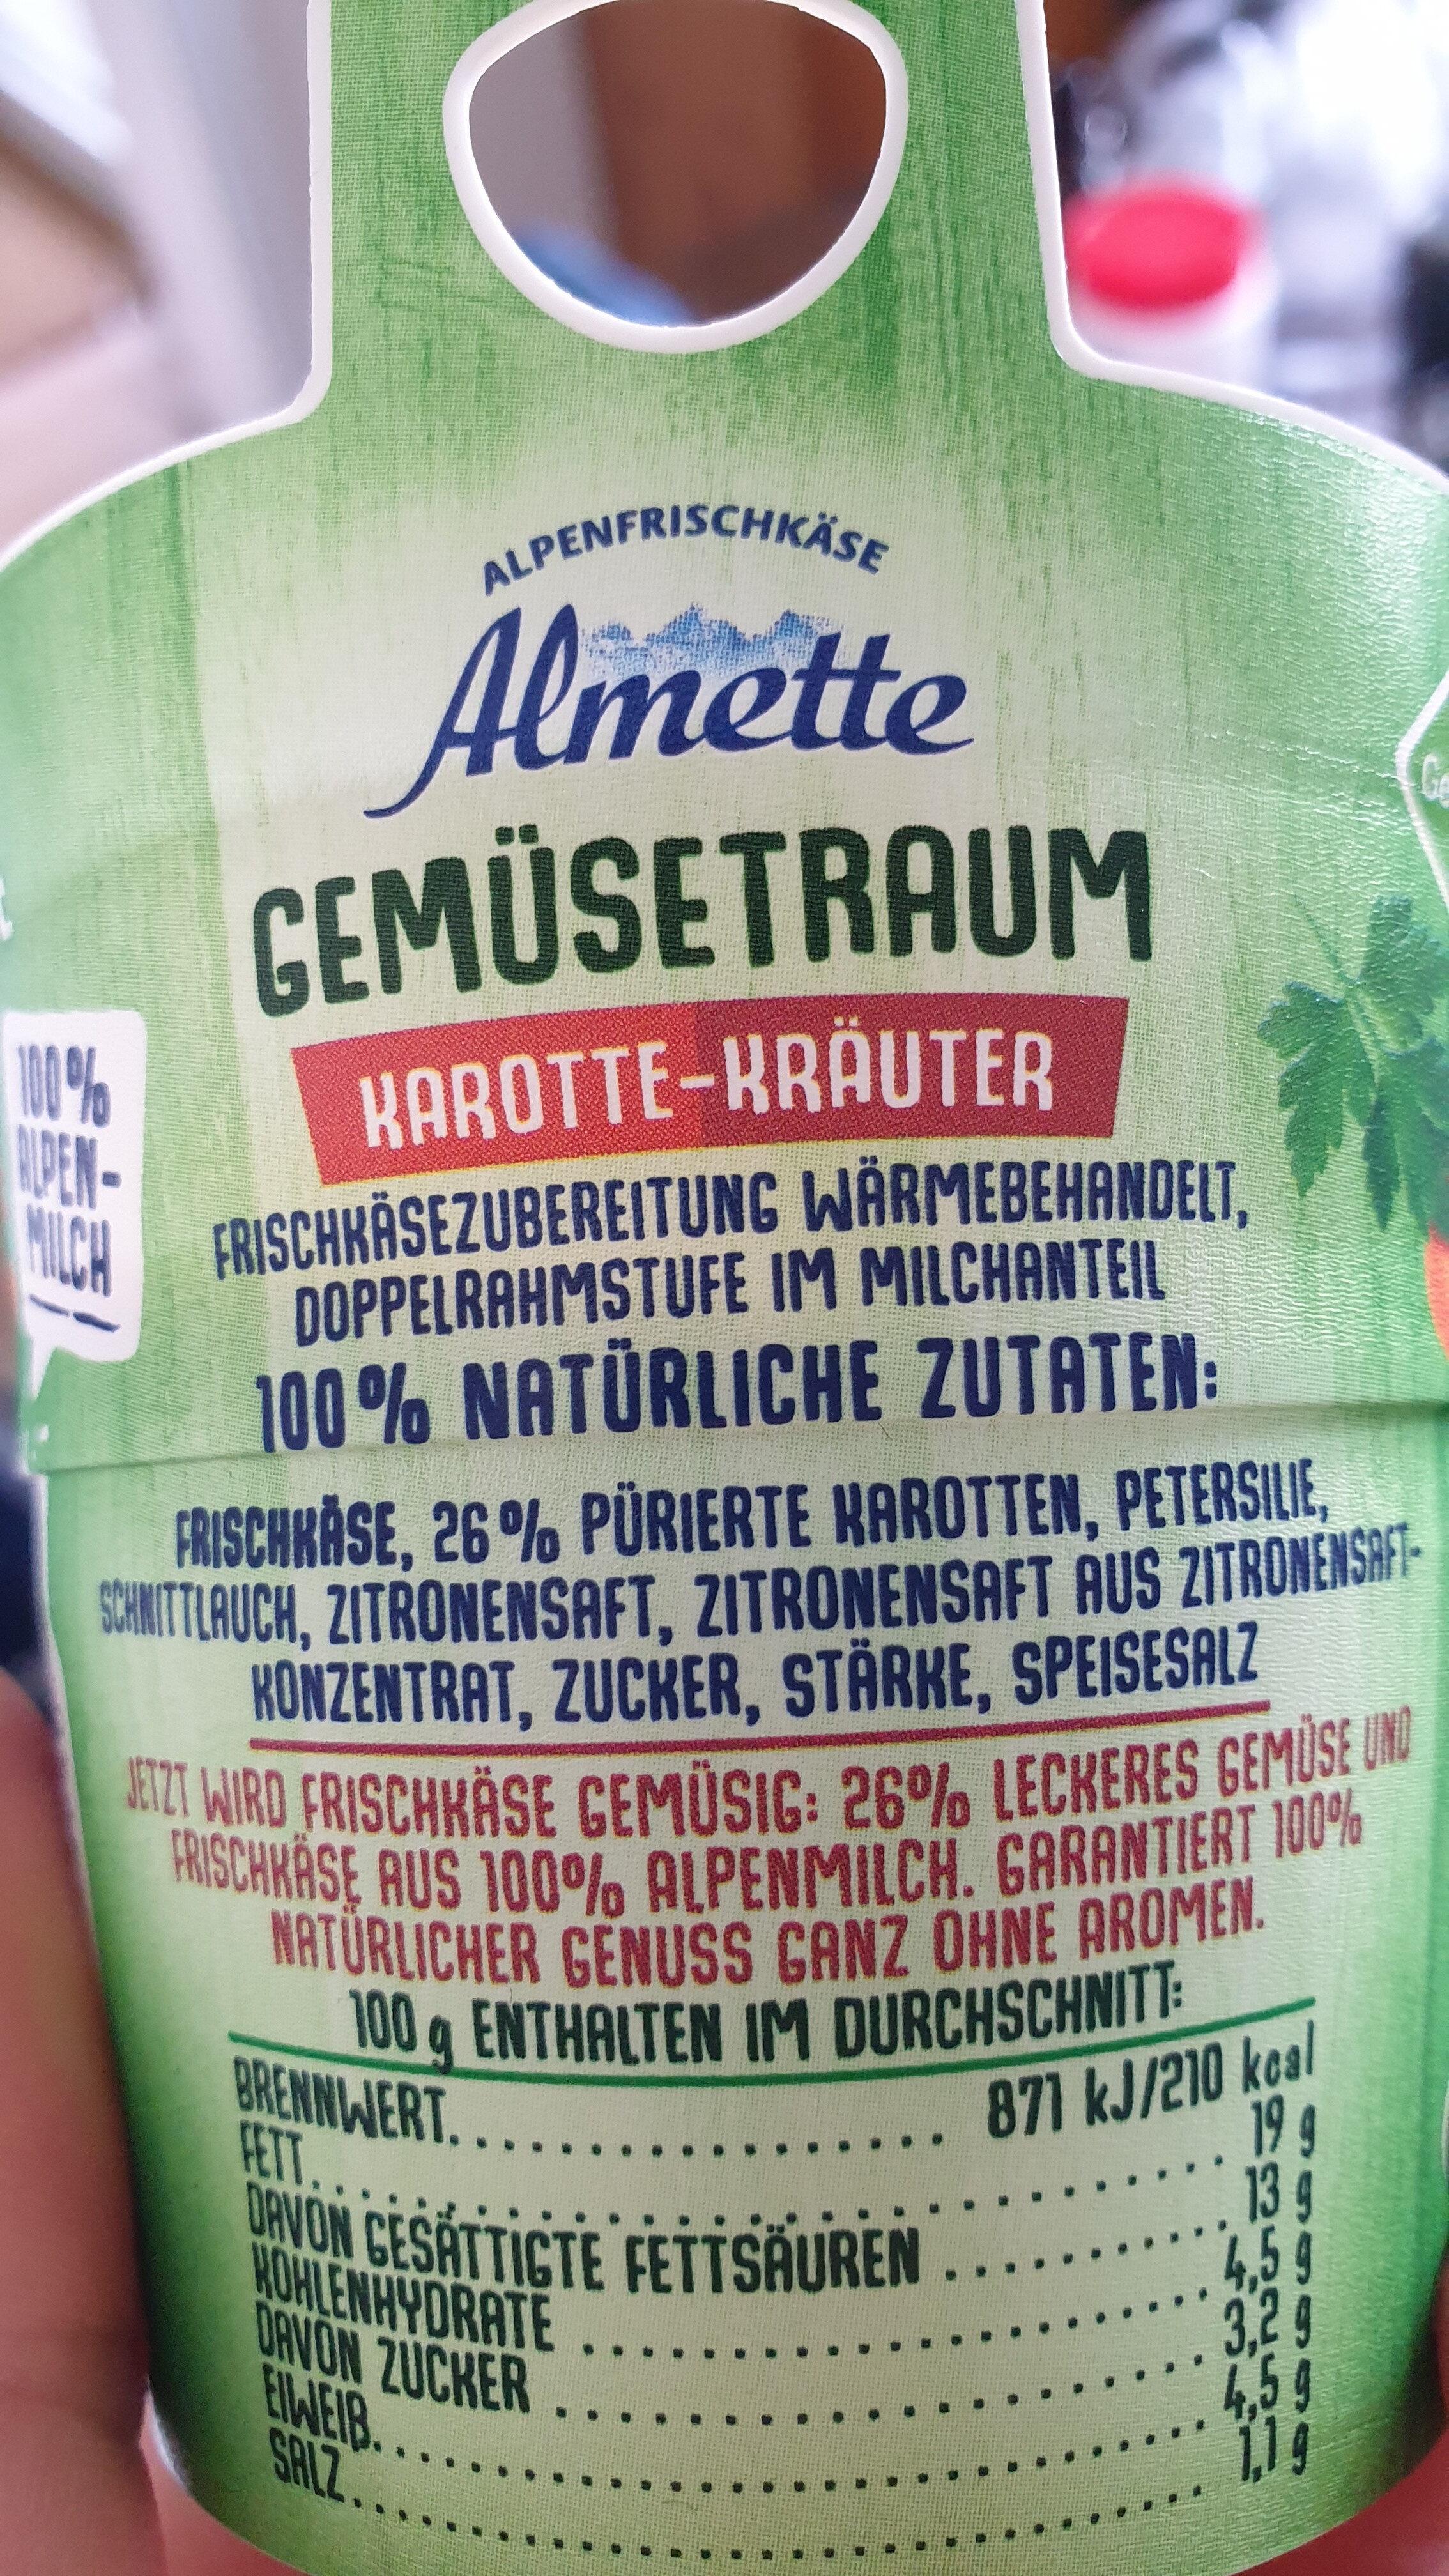 Gemüse Traum Karotte Kräuter Frischkäse - Zutaten - de